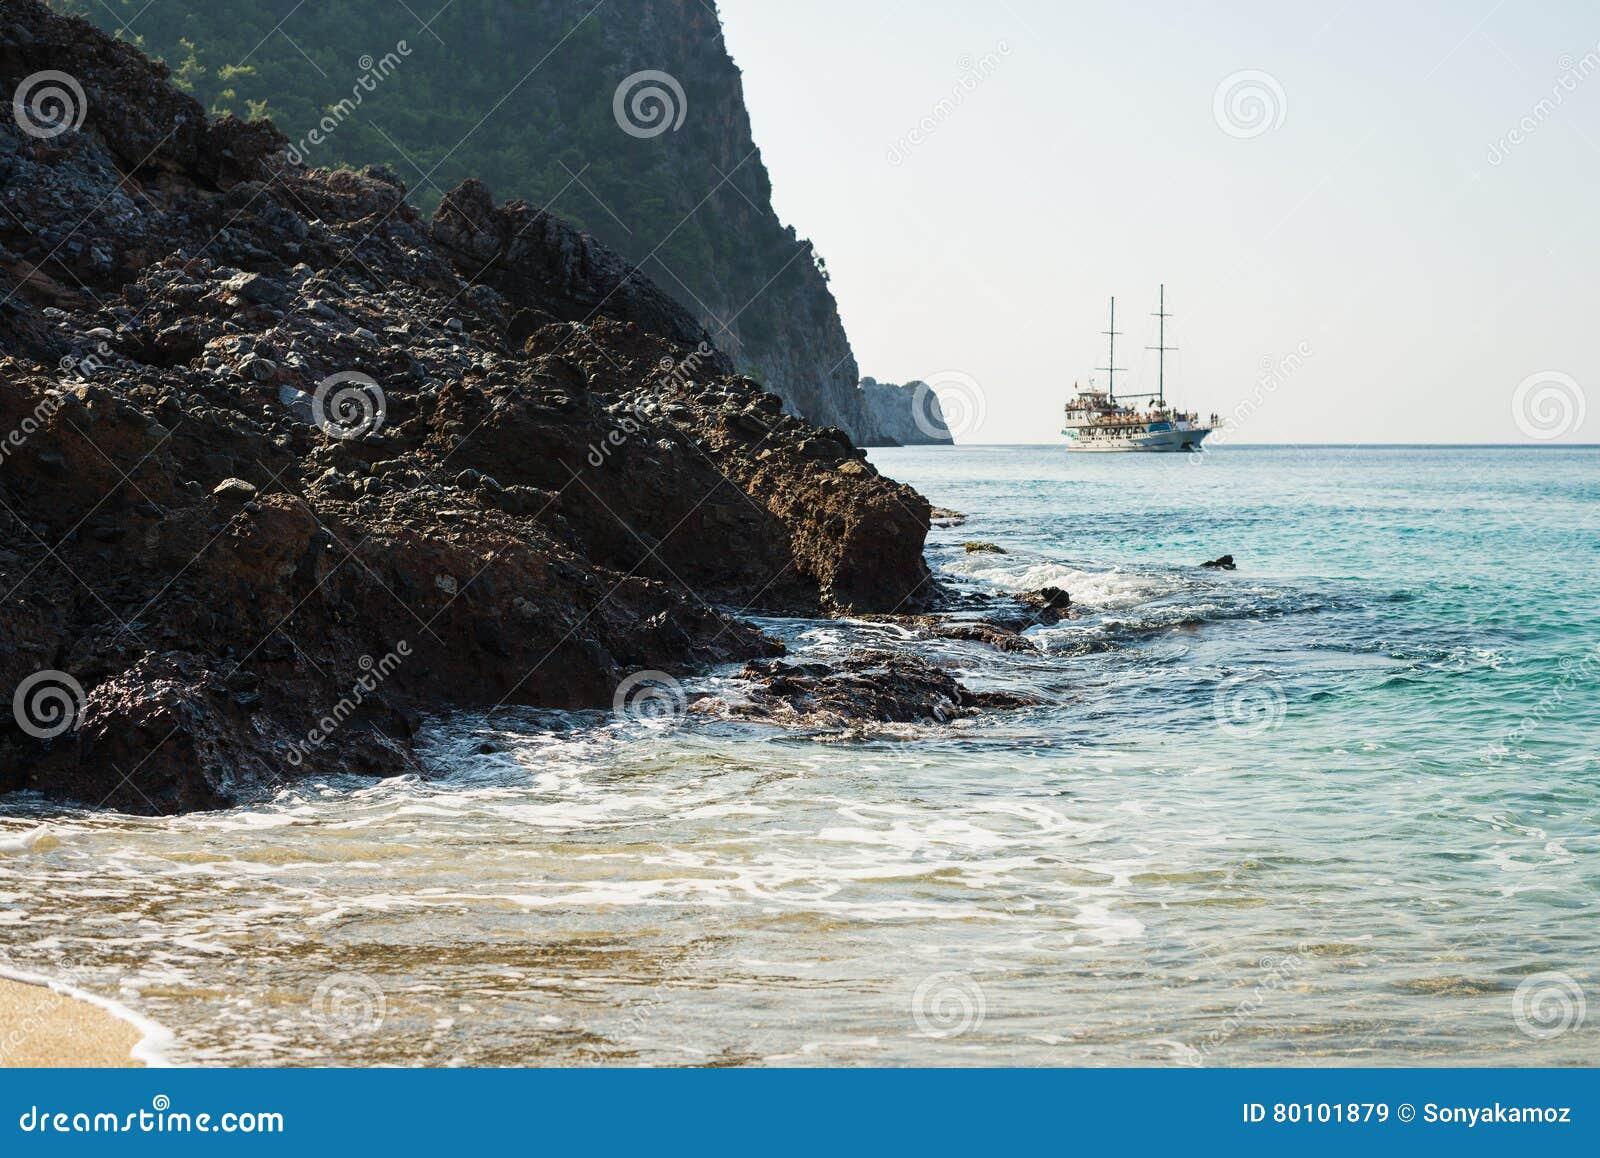 Rochas naturais e navigação do navio de passageiro no mar Mediterrâneo, Alanya